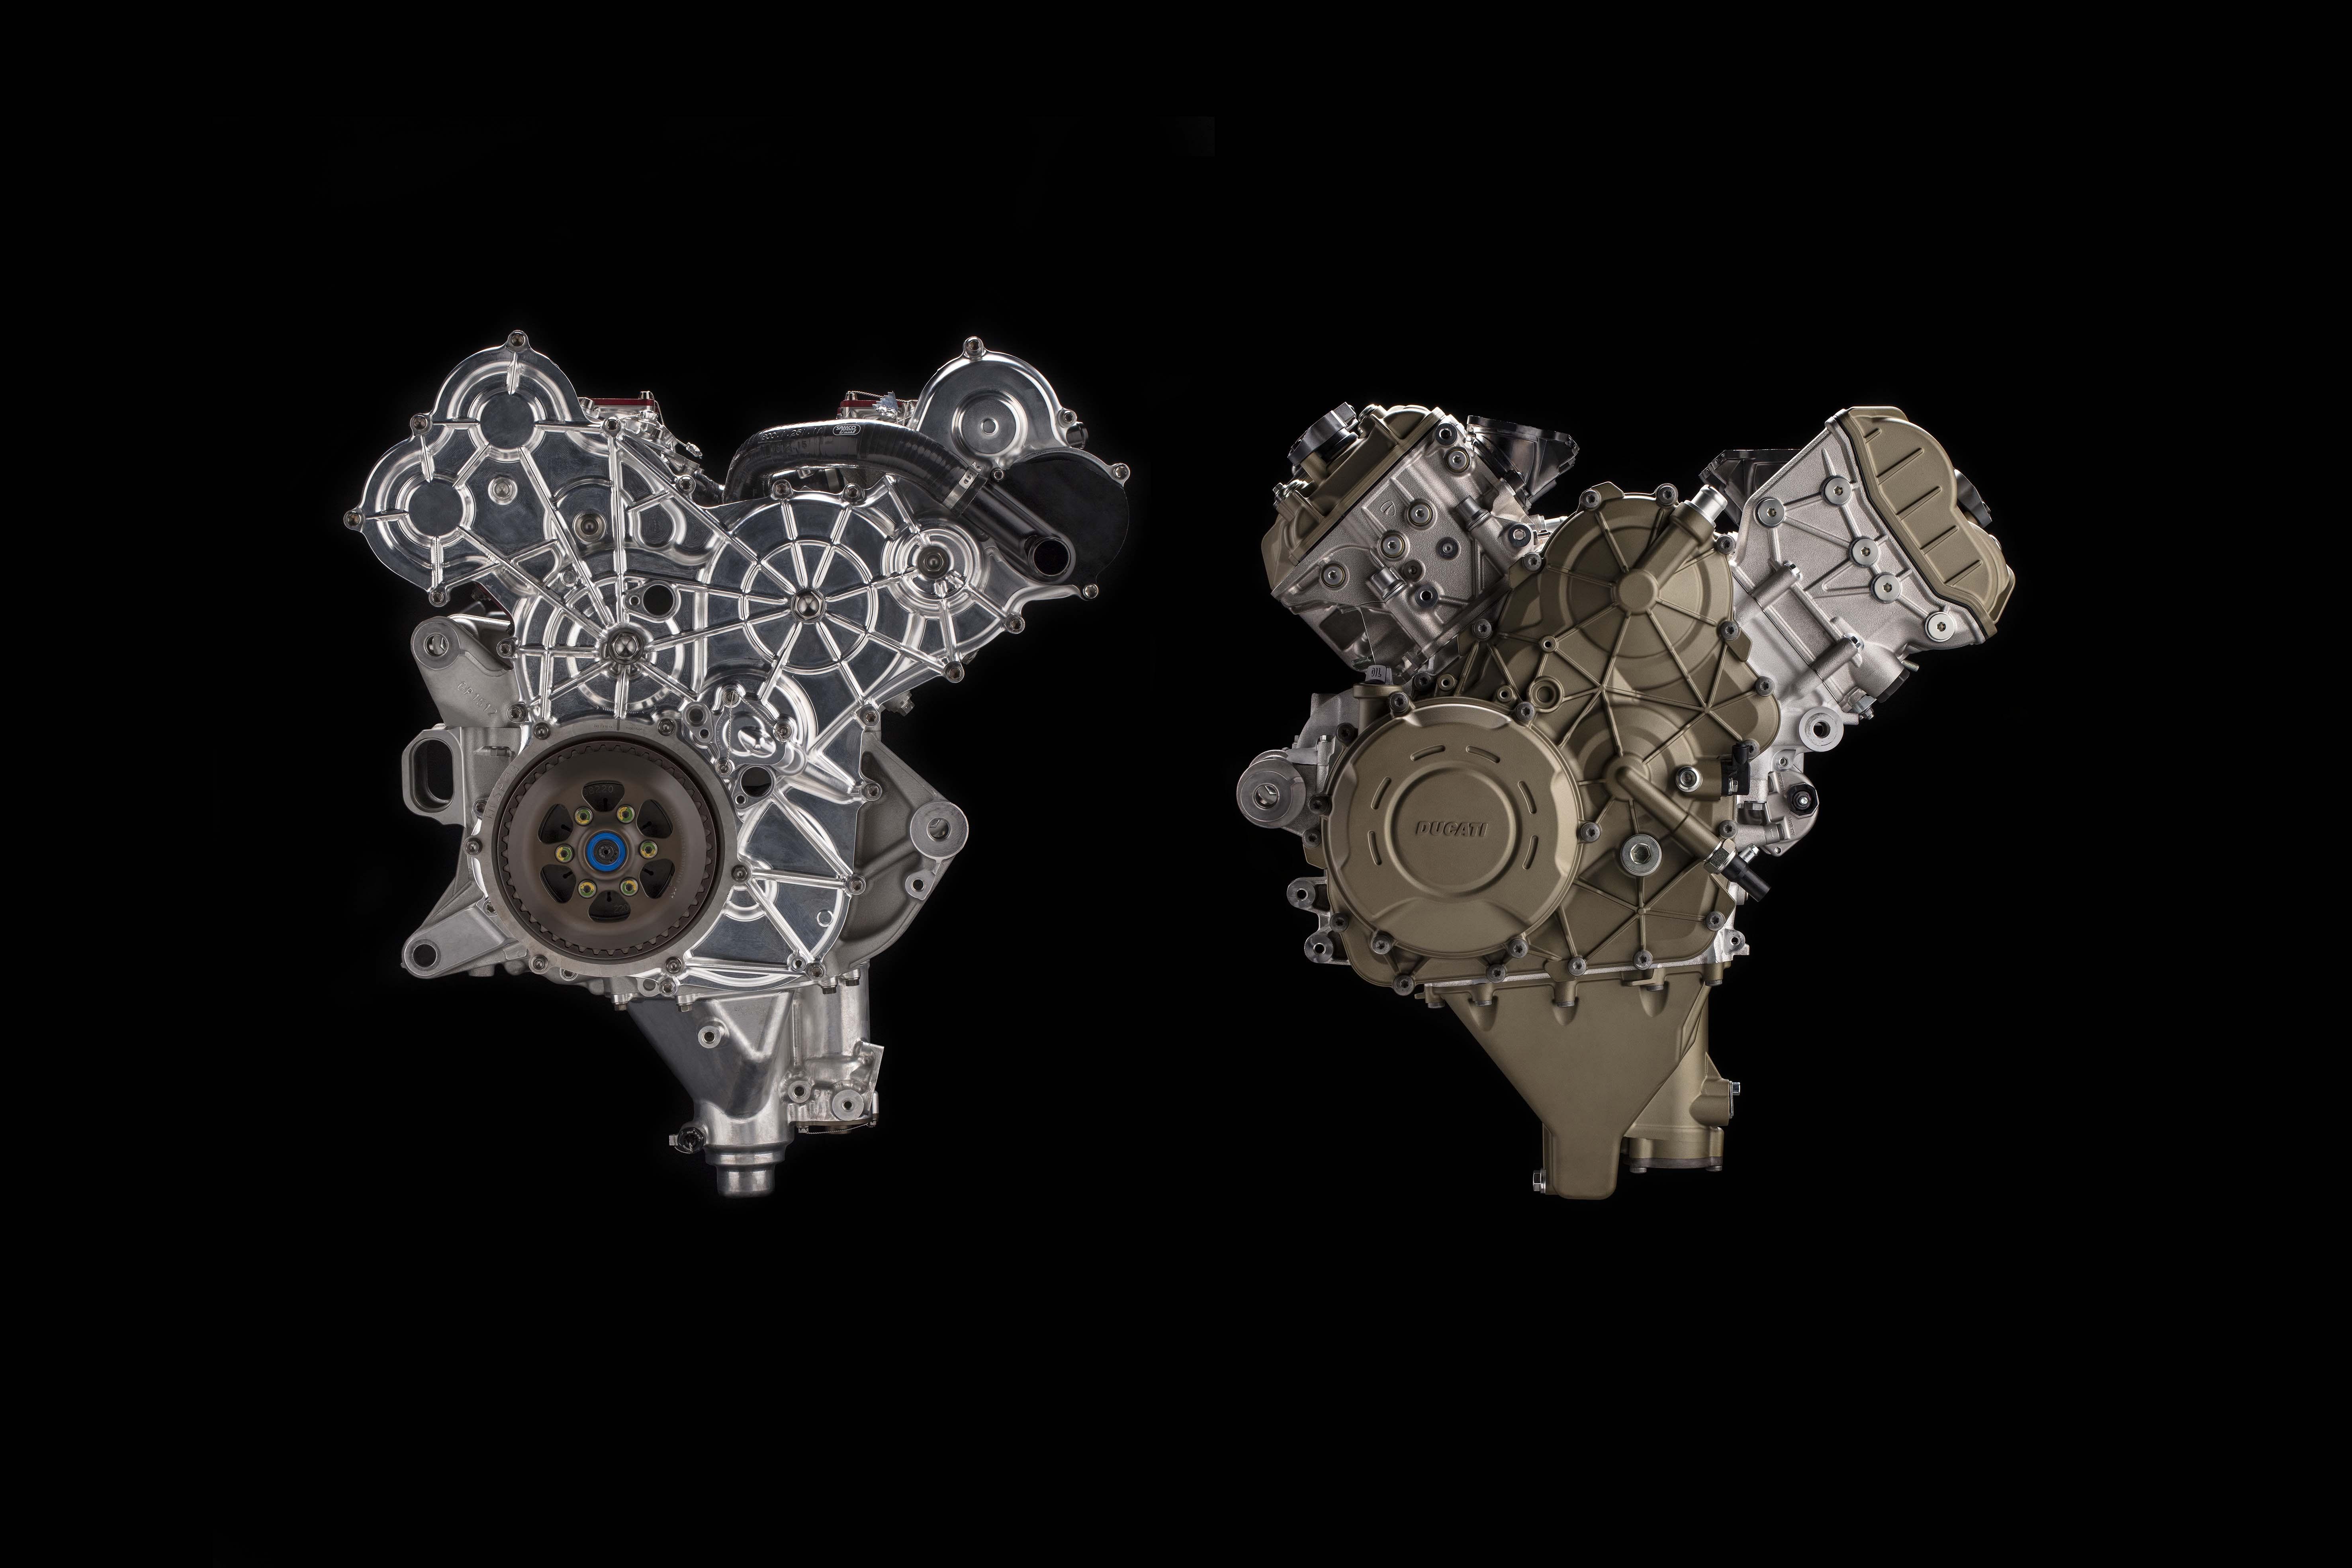 Звук нового мотора Ducati Desmosedici Stradale  (видео)